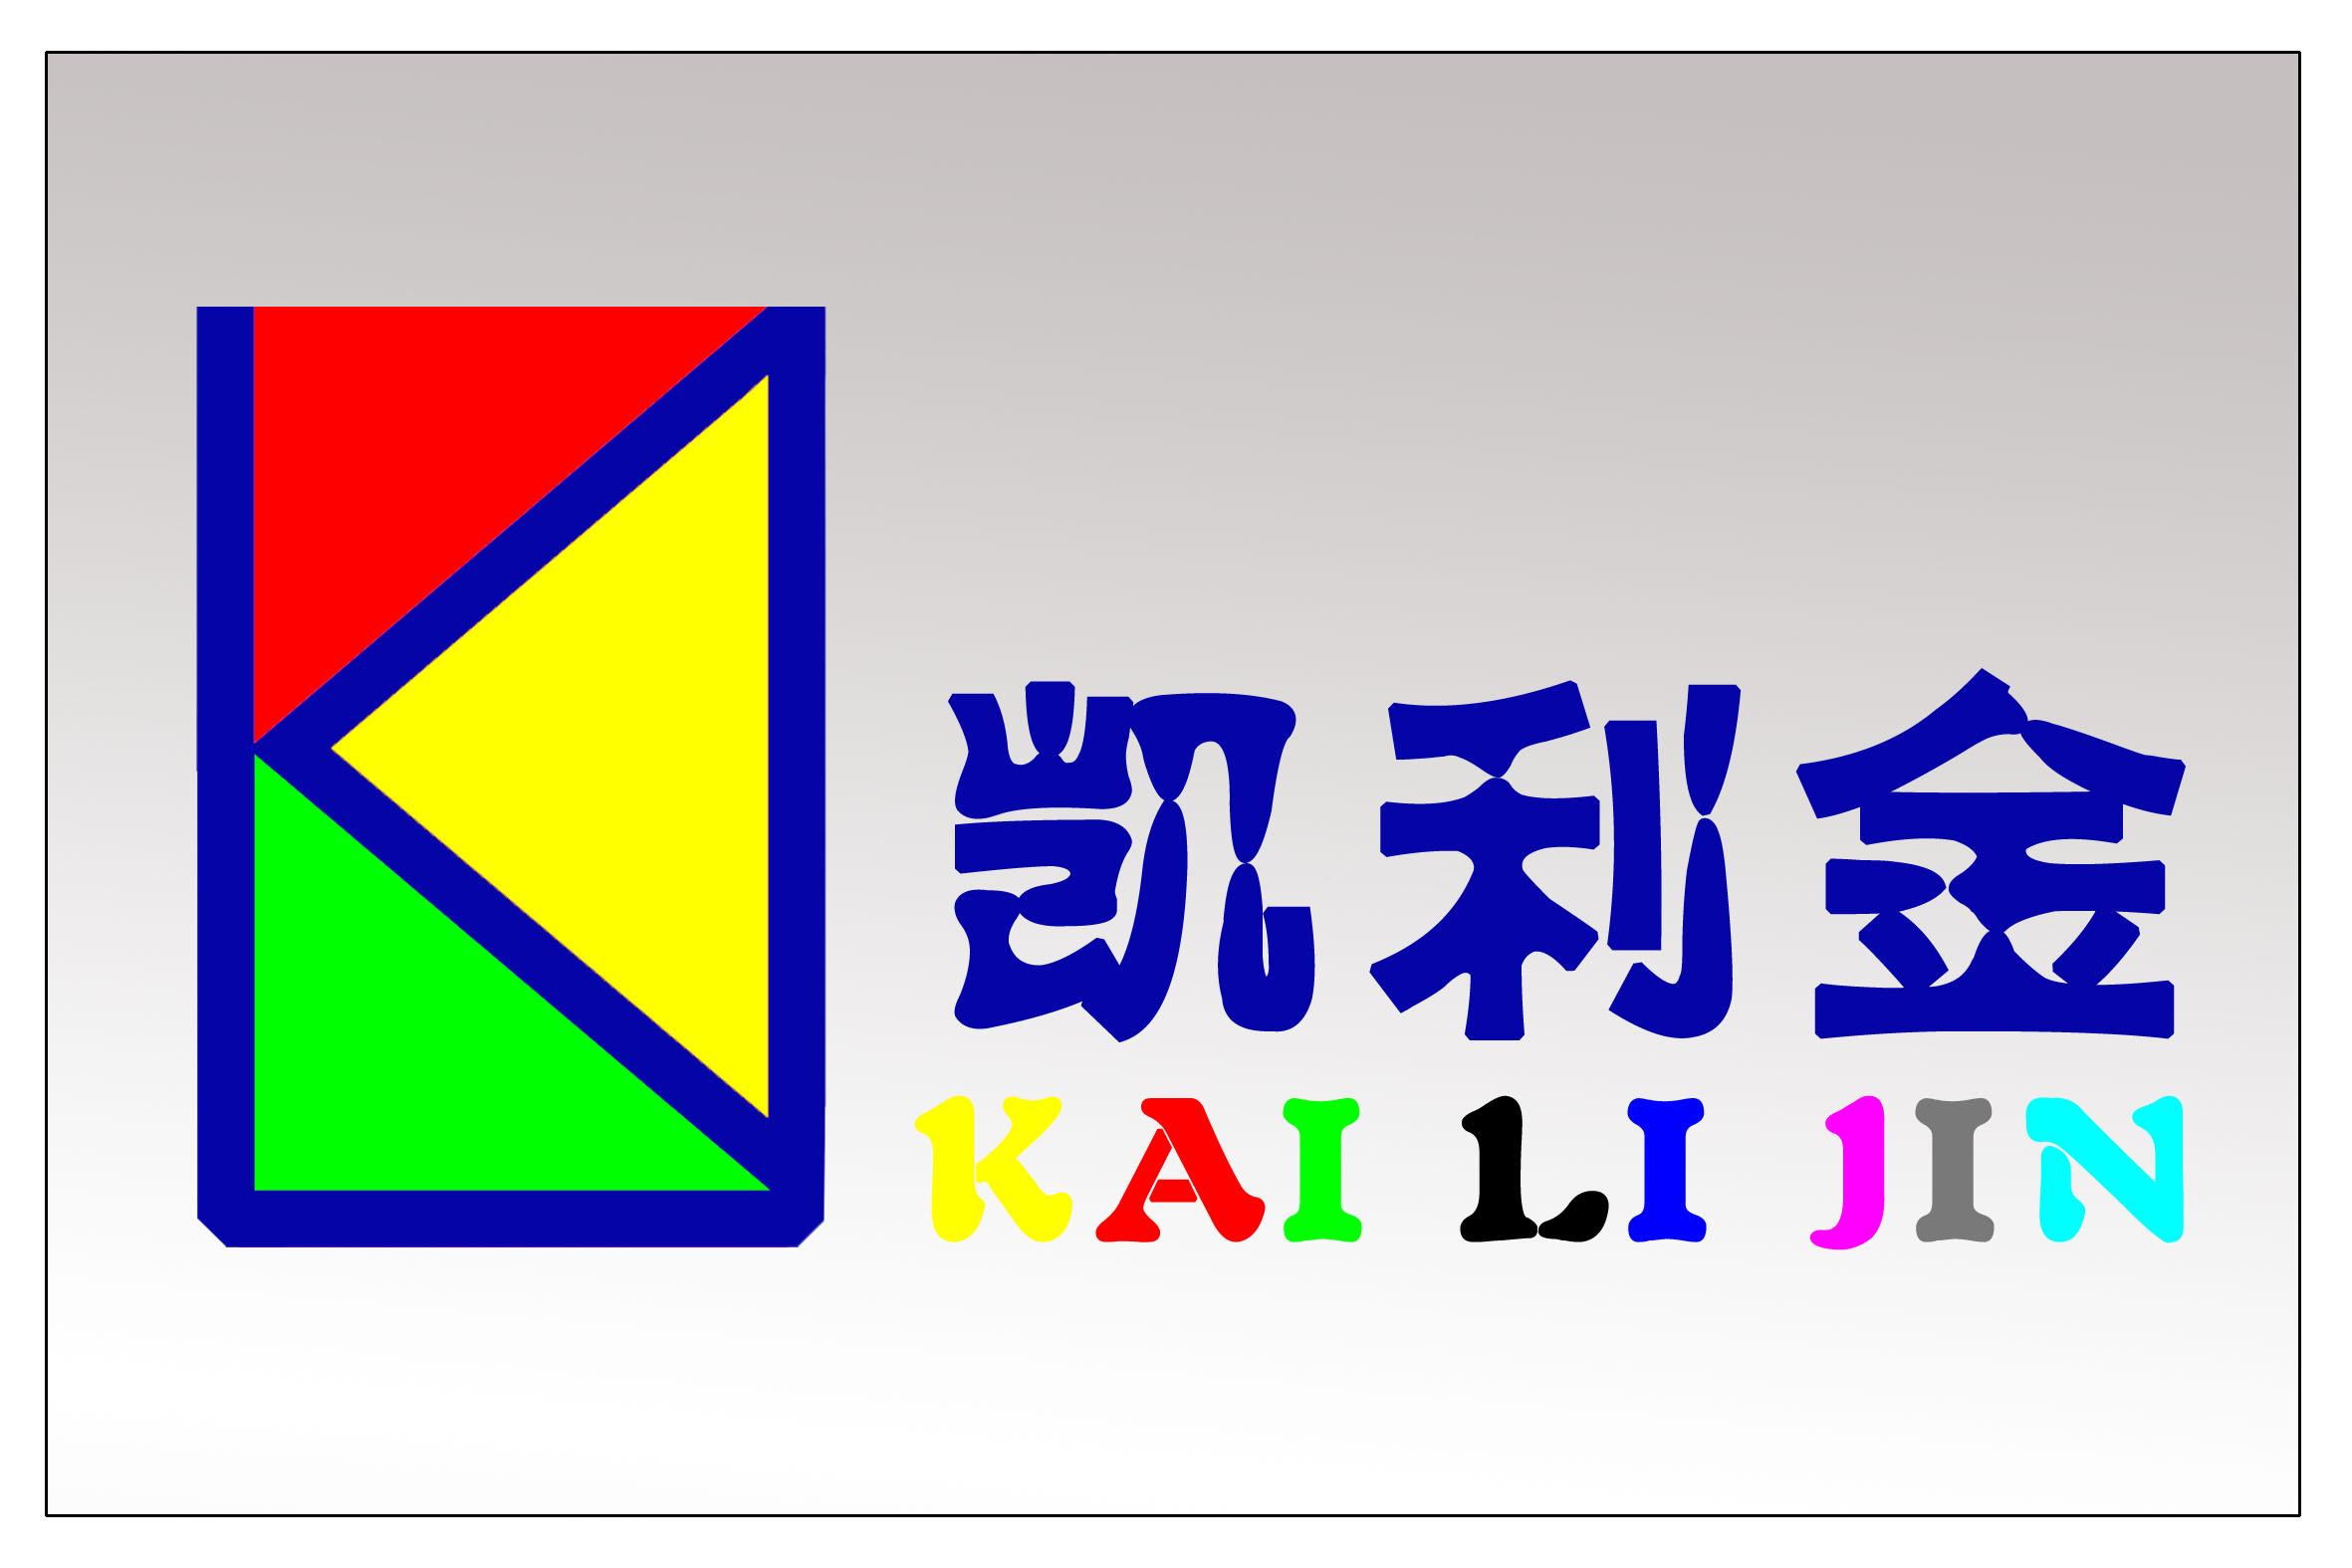 凯利金logo.jpg(267.93k)